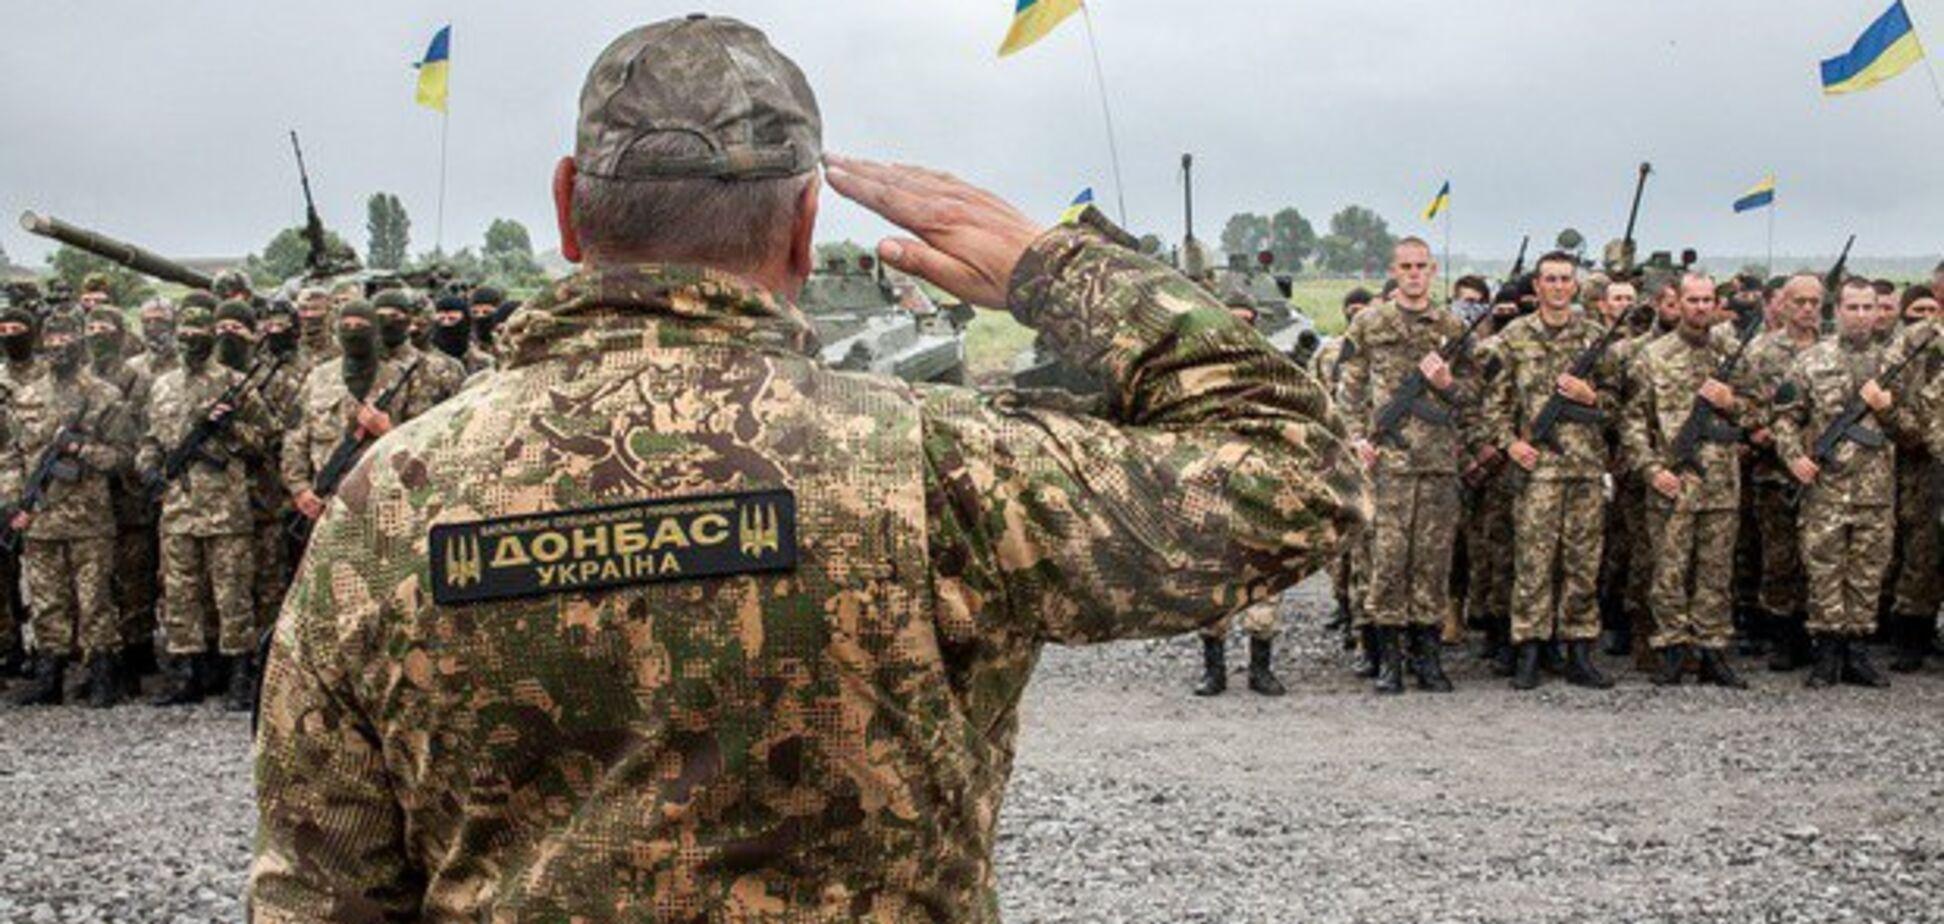 Командир предложил мне перейти к 'сепарам'. Я отказался – боец о батальоне 'Донбасс-Украина'